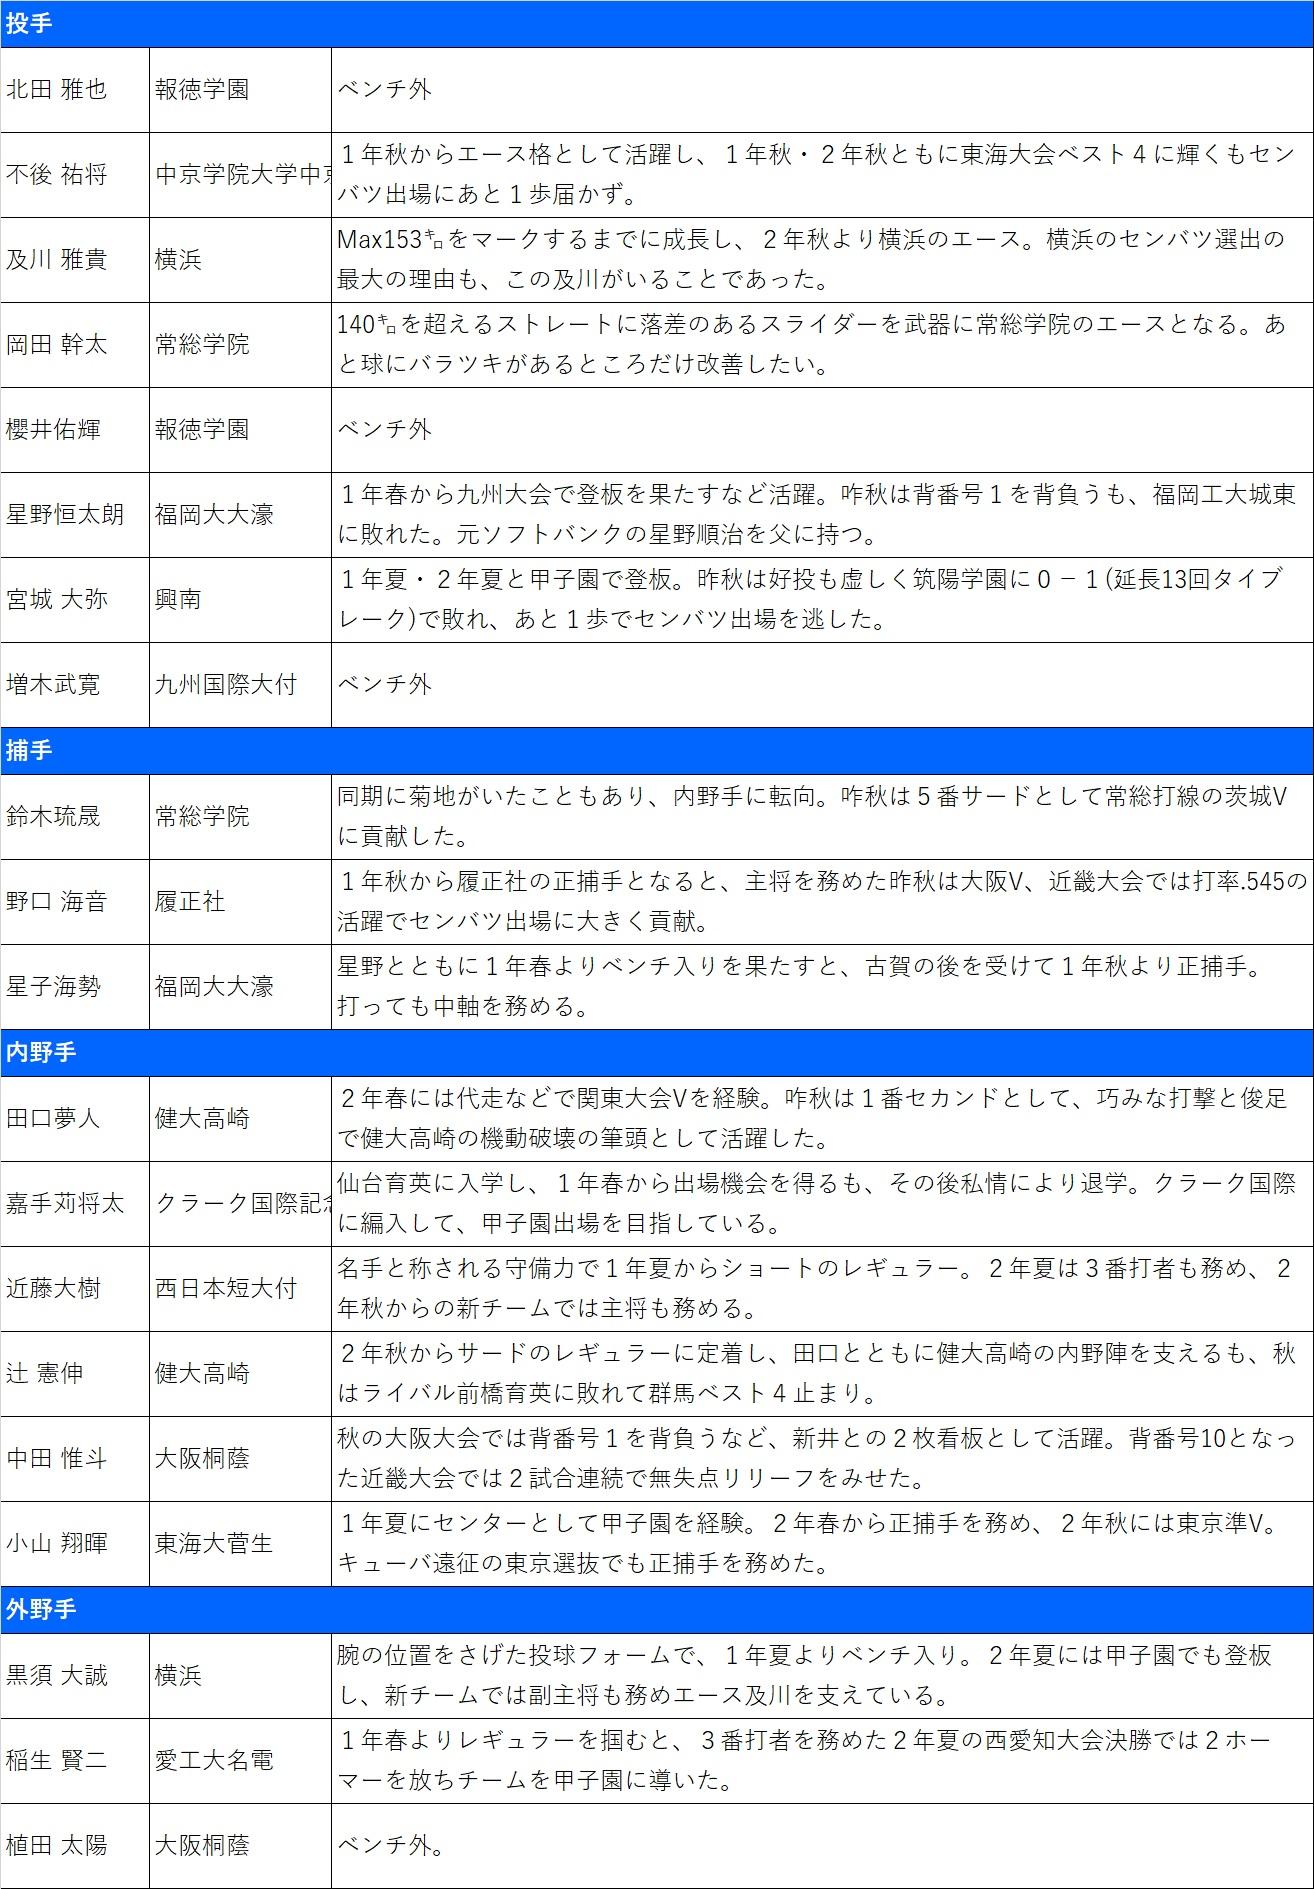 20190226 U-15ベースボールワールドカップ2016inいわき.